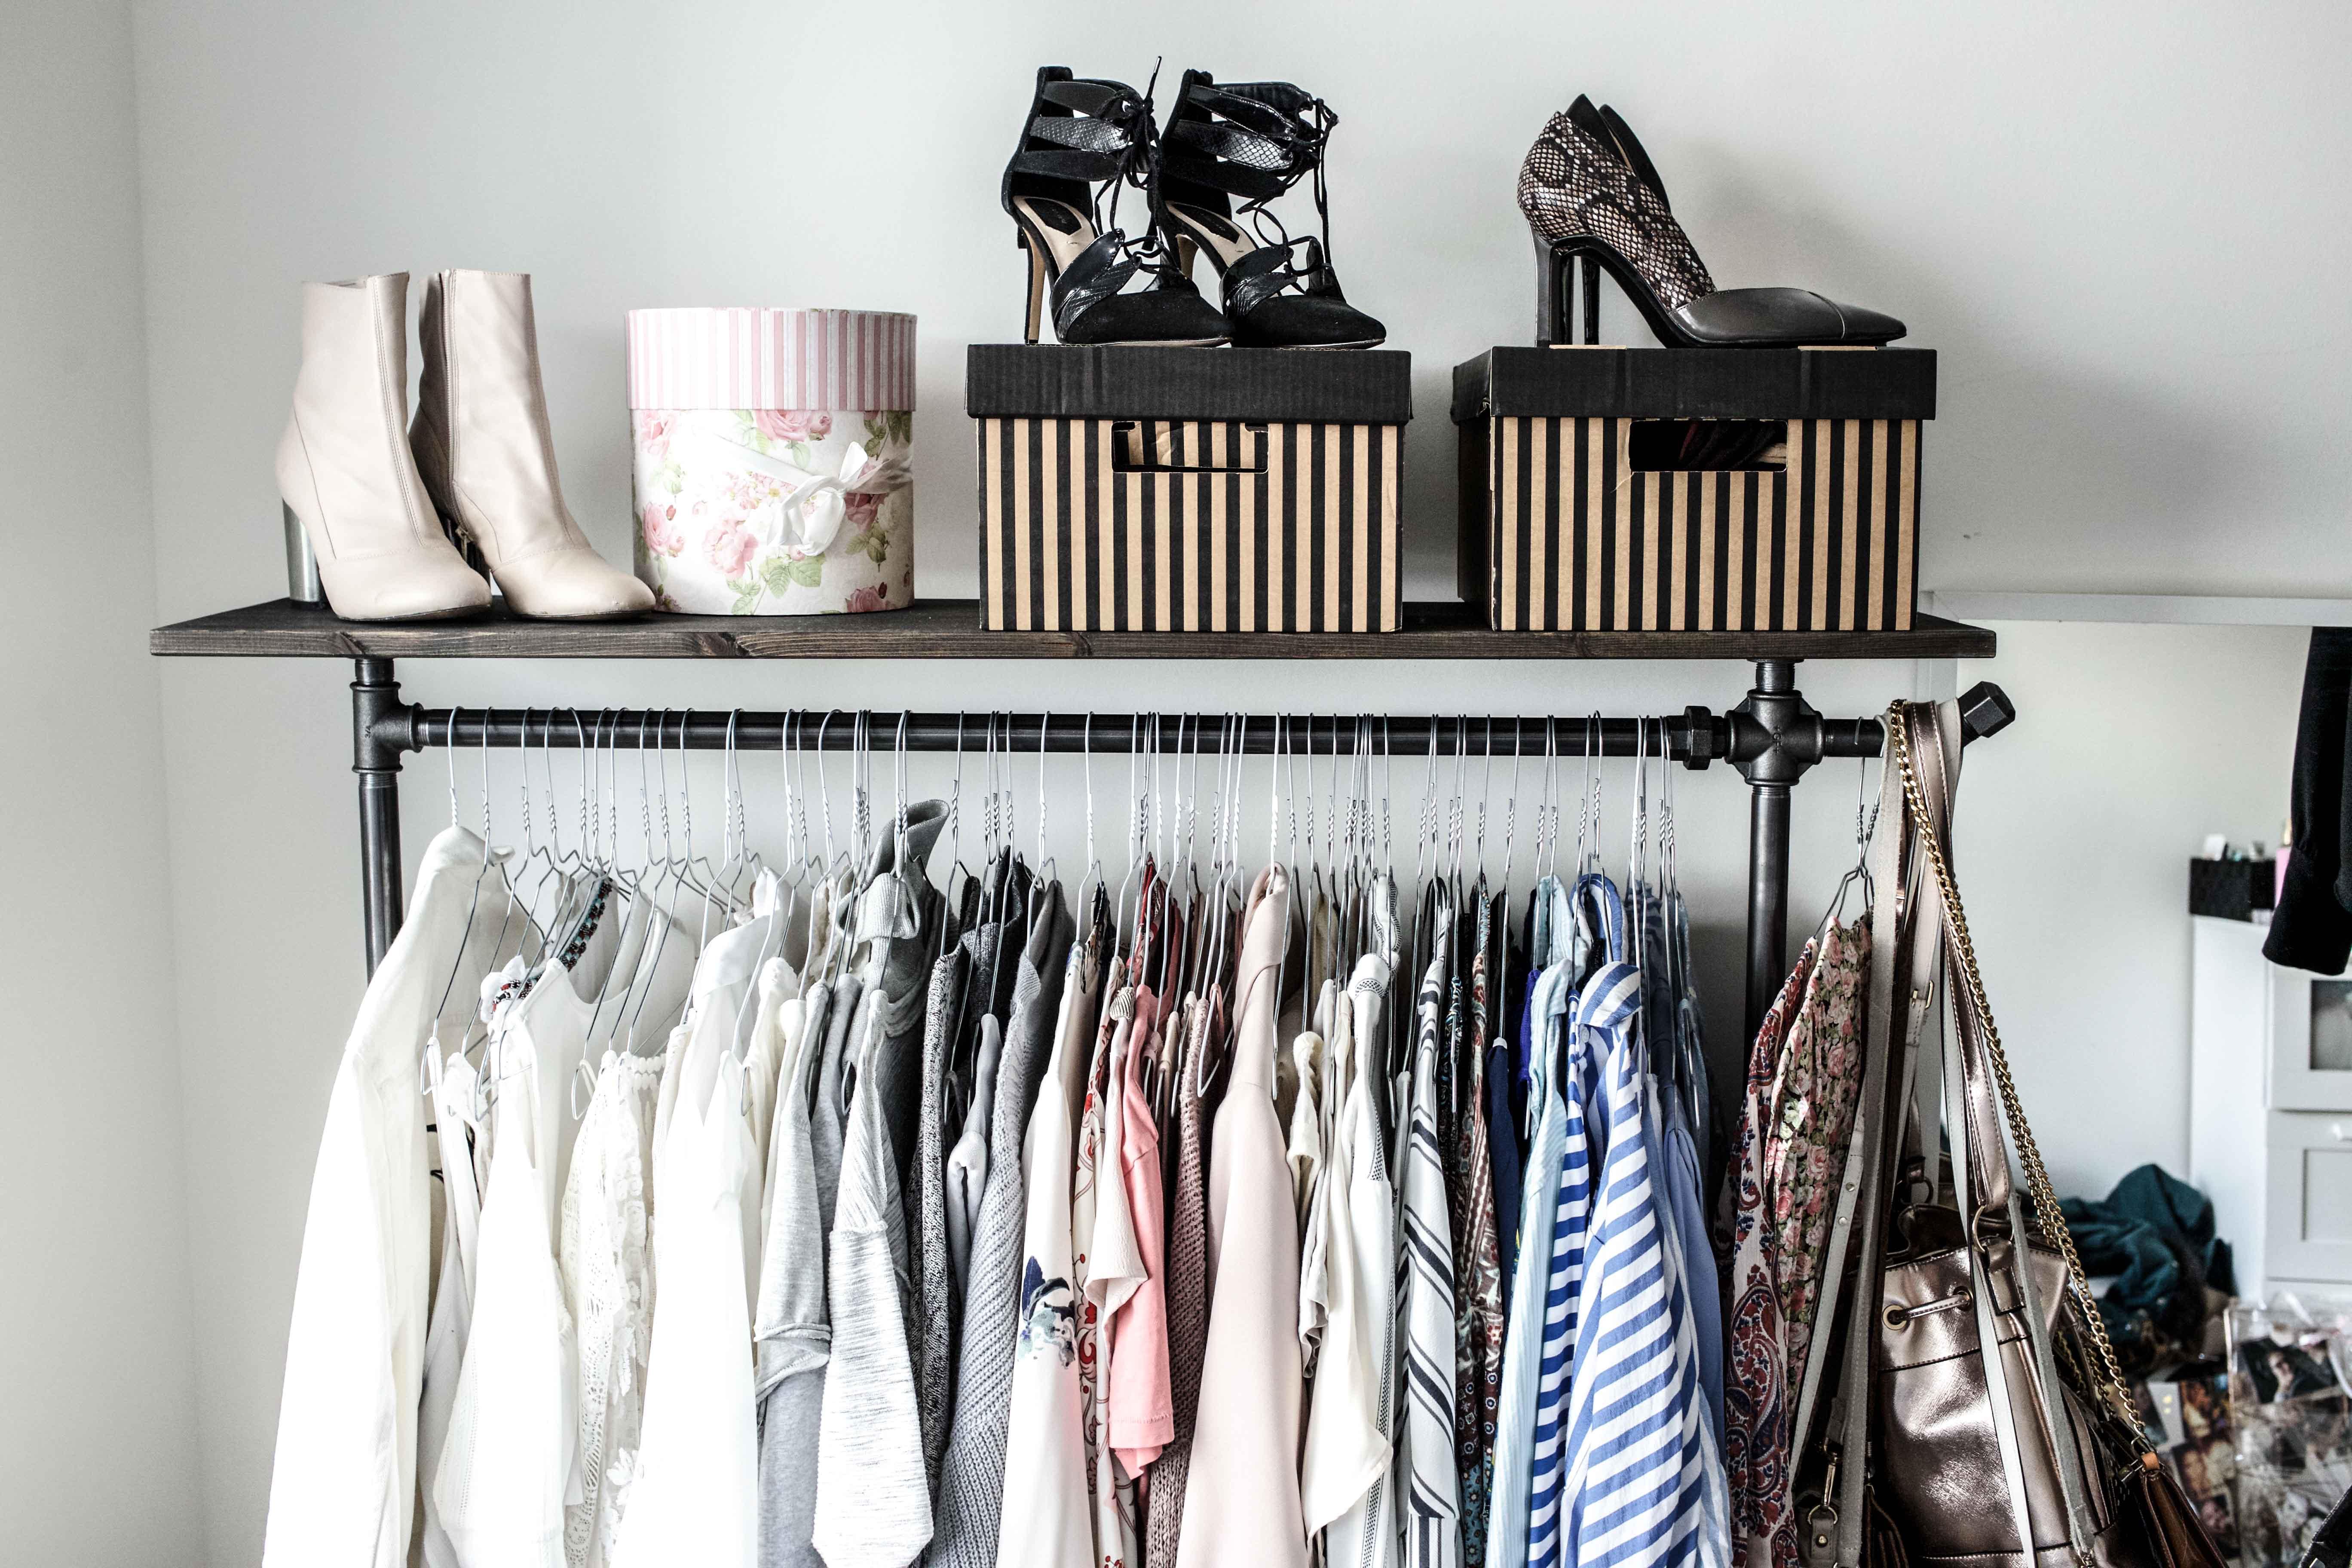 erste einblicke in mein offenes kleiderschranksystem interior. Black Bedroom Furniture Sets. Home Design Ideas